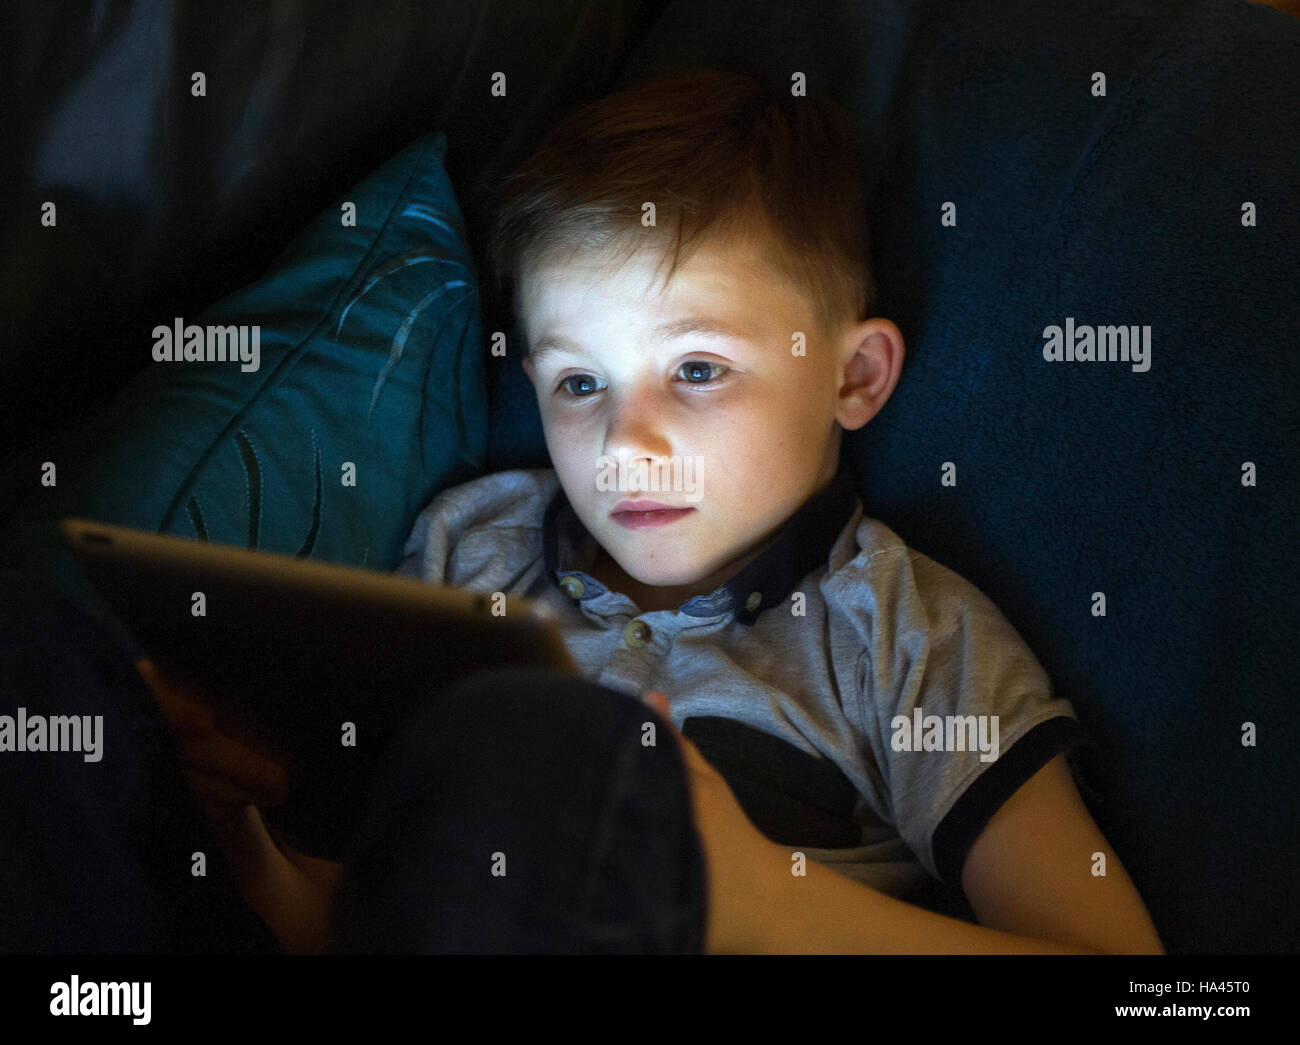 Jeune garçon assis à l'aide d'Apple l'ipad pour accéder à l'internet en utilisant Photo Stock